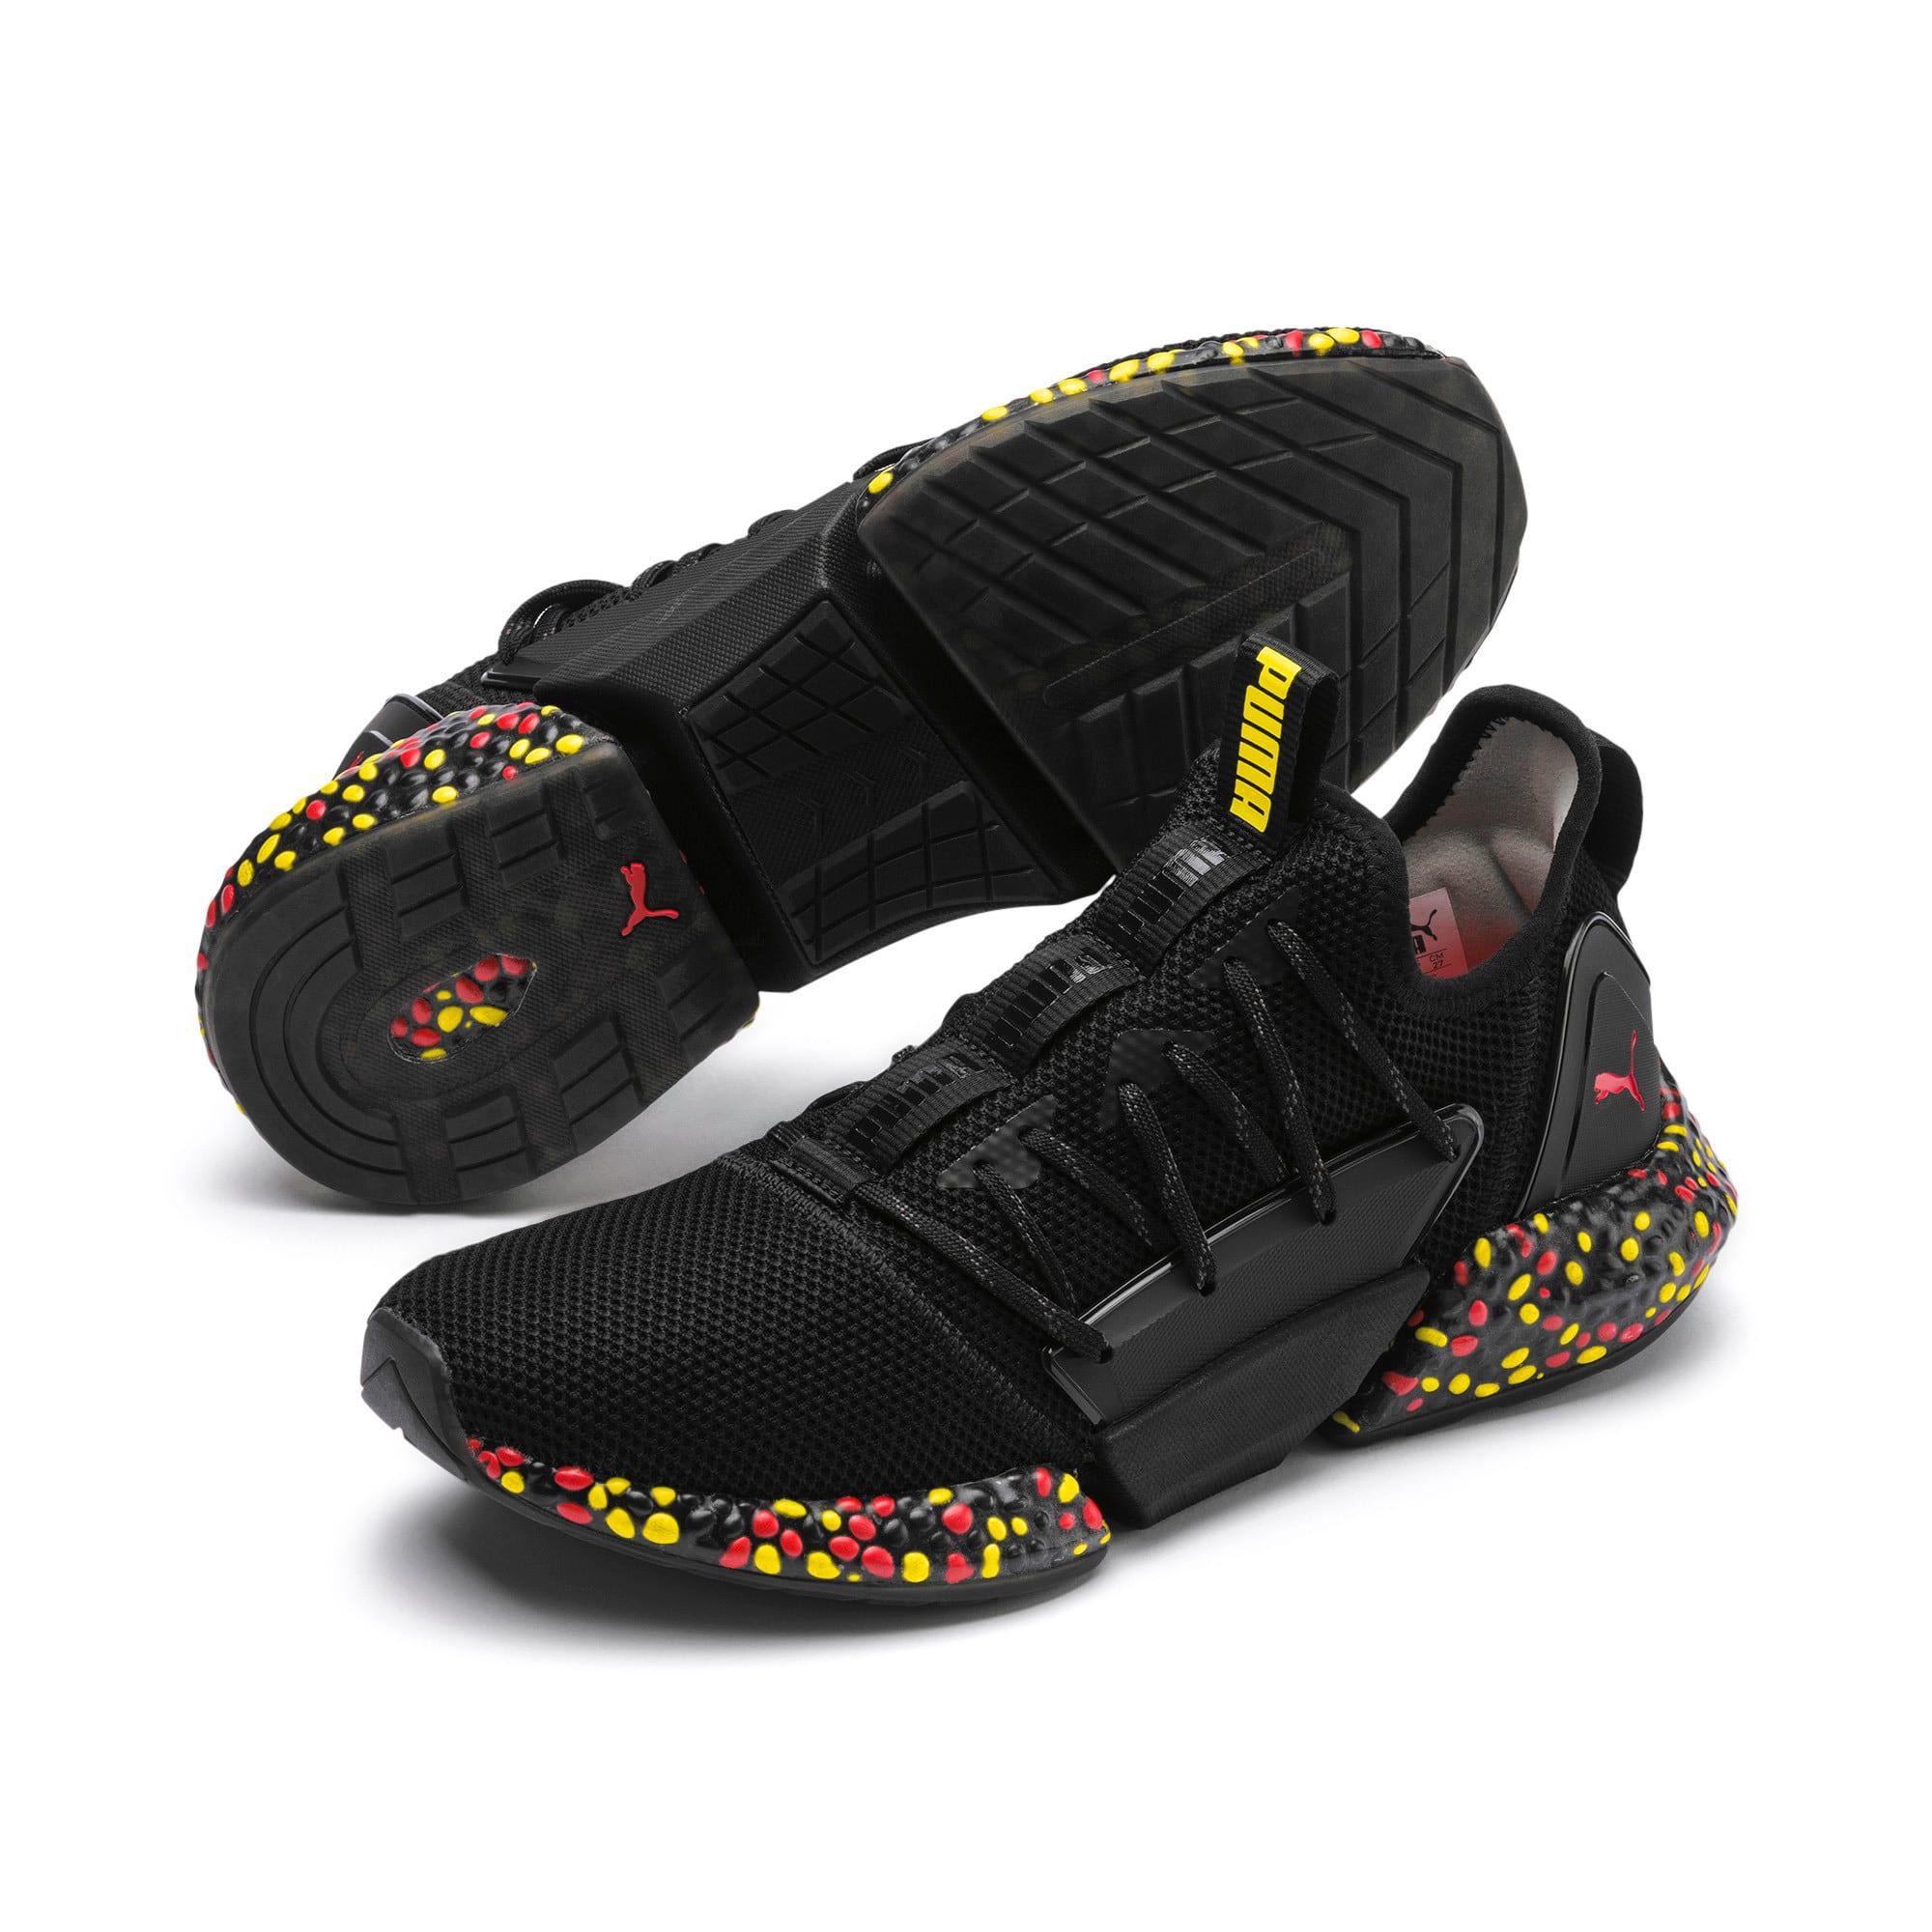 Miniaturka 3 Męskie buty do biegania Hybrid Rocket Runner, Kolor Black-Blazing Yellow-Red, średnie